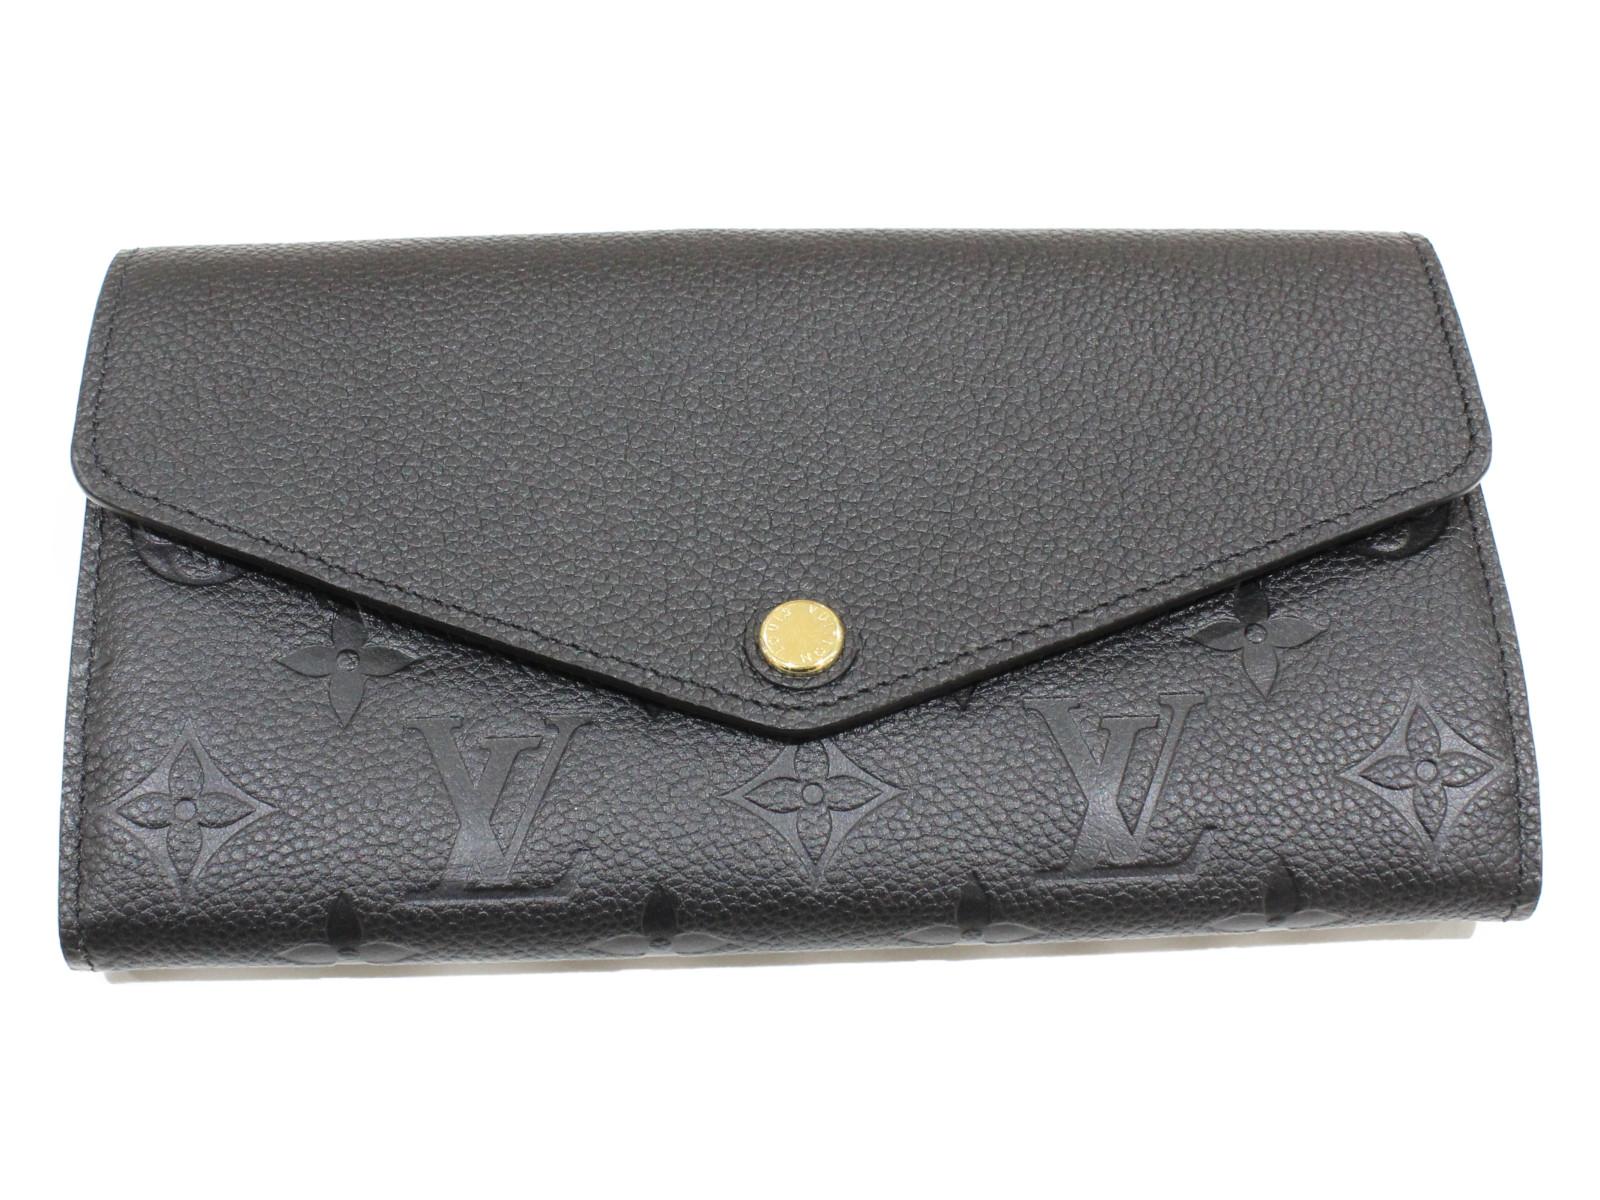 LOUIS VUITTON ルイ ヴィトンポルトフォイユ・サラ M61182アンプラント 長財布プレゼント包装可【未使用】